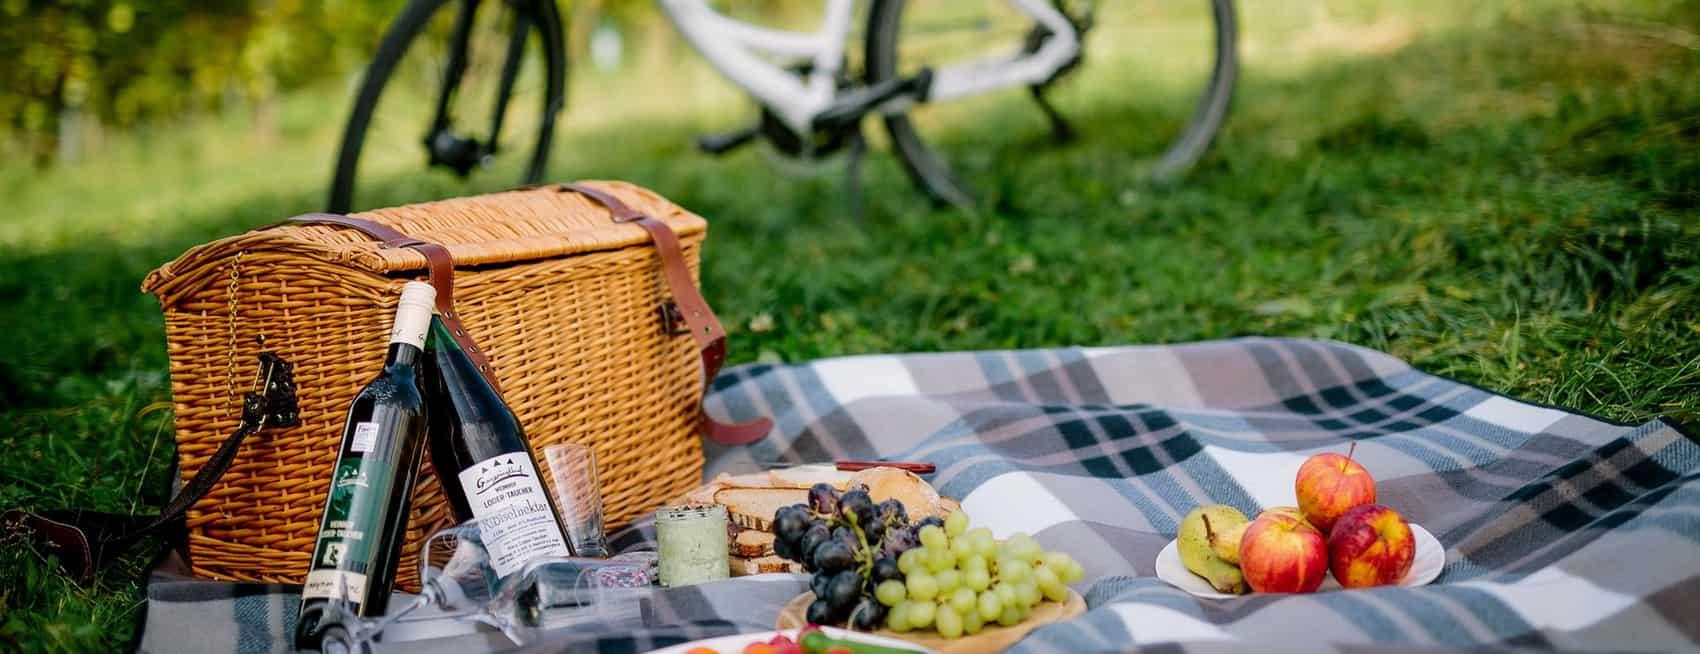 Picknick St. Ruprecht an der Raab - Cykelsemester i Österrike med Austria Travel